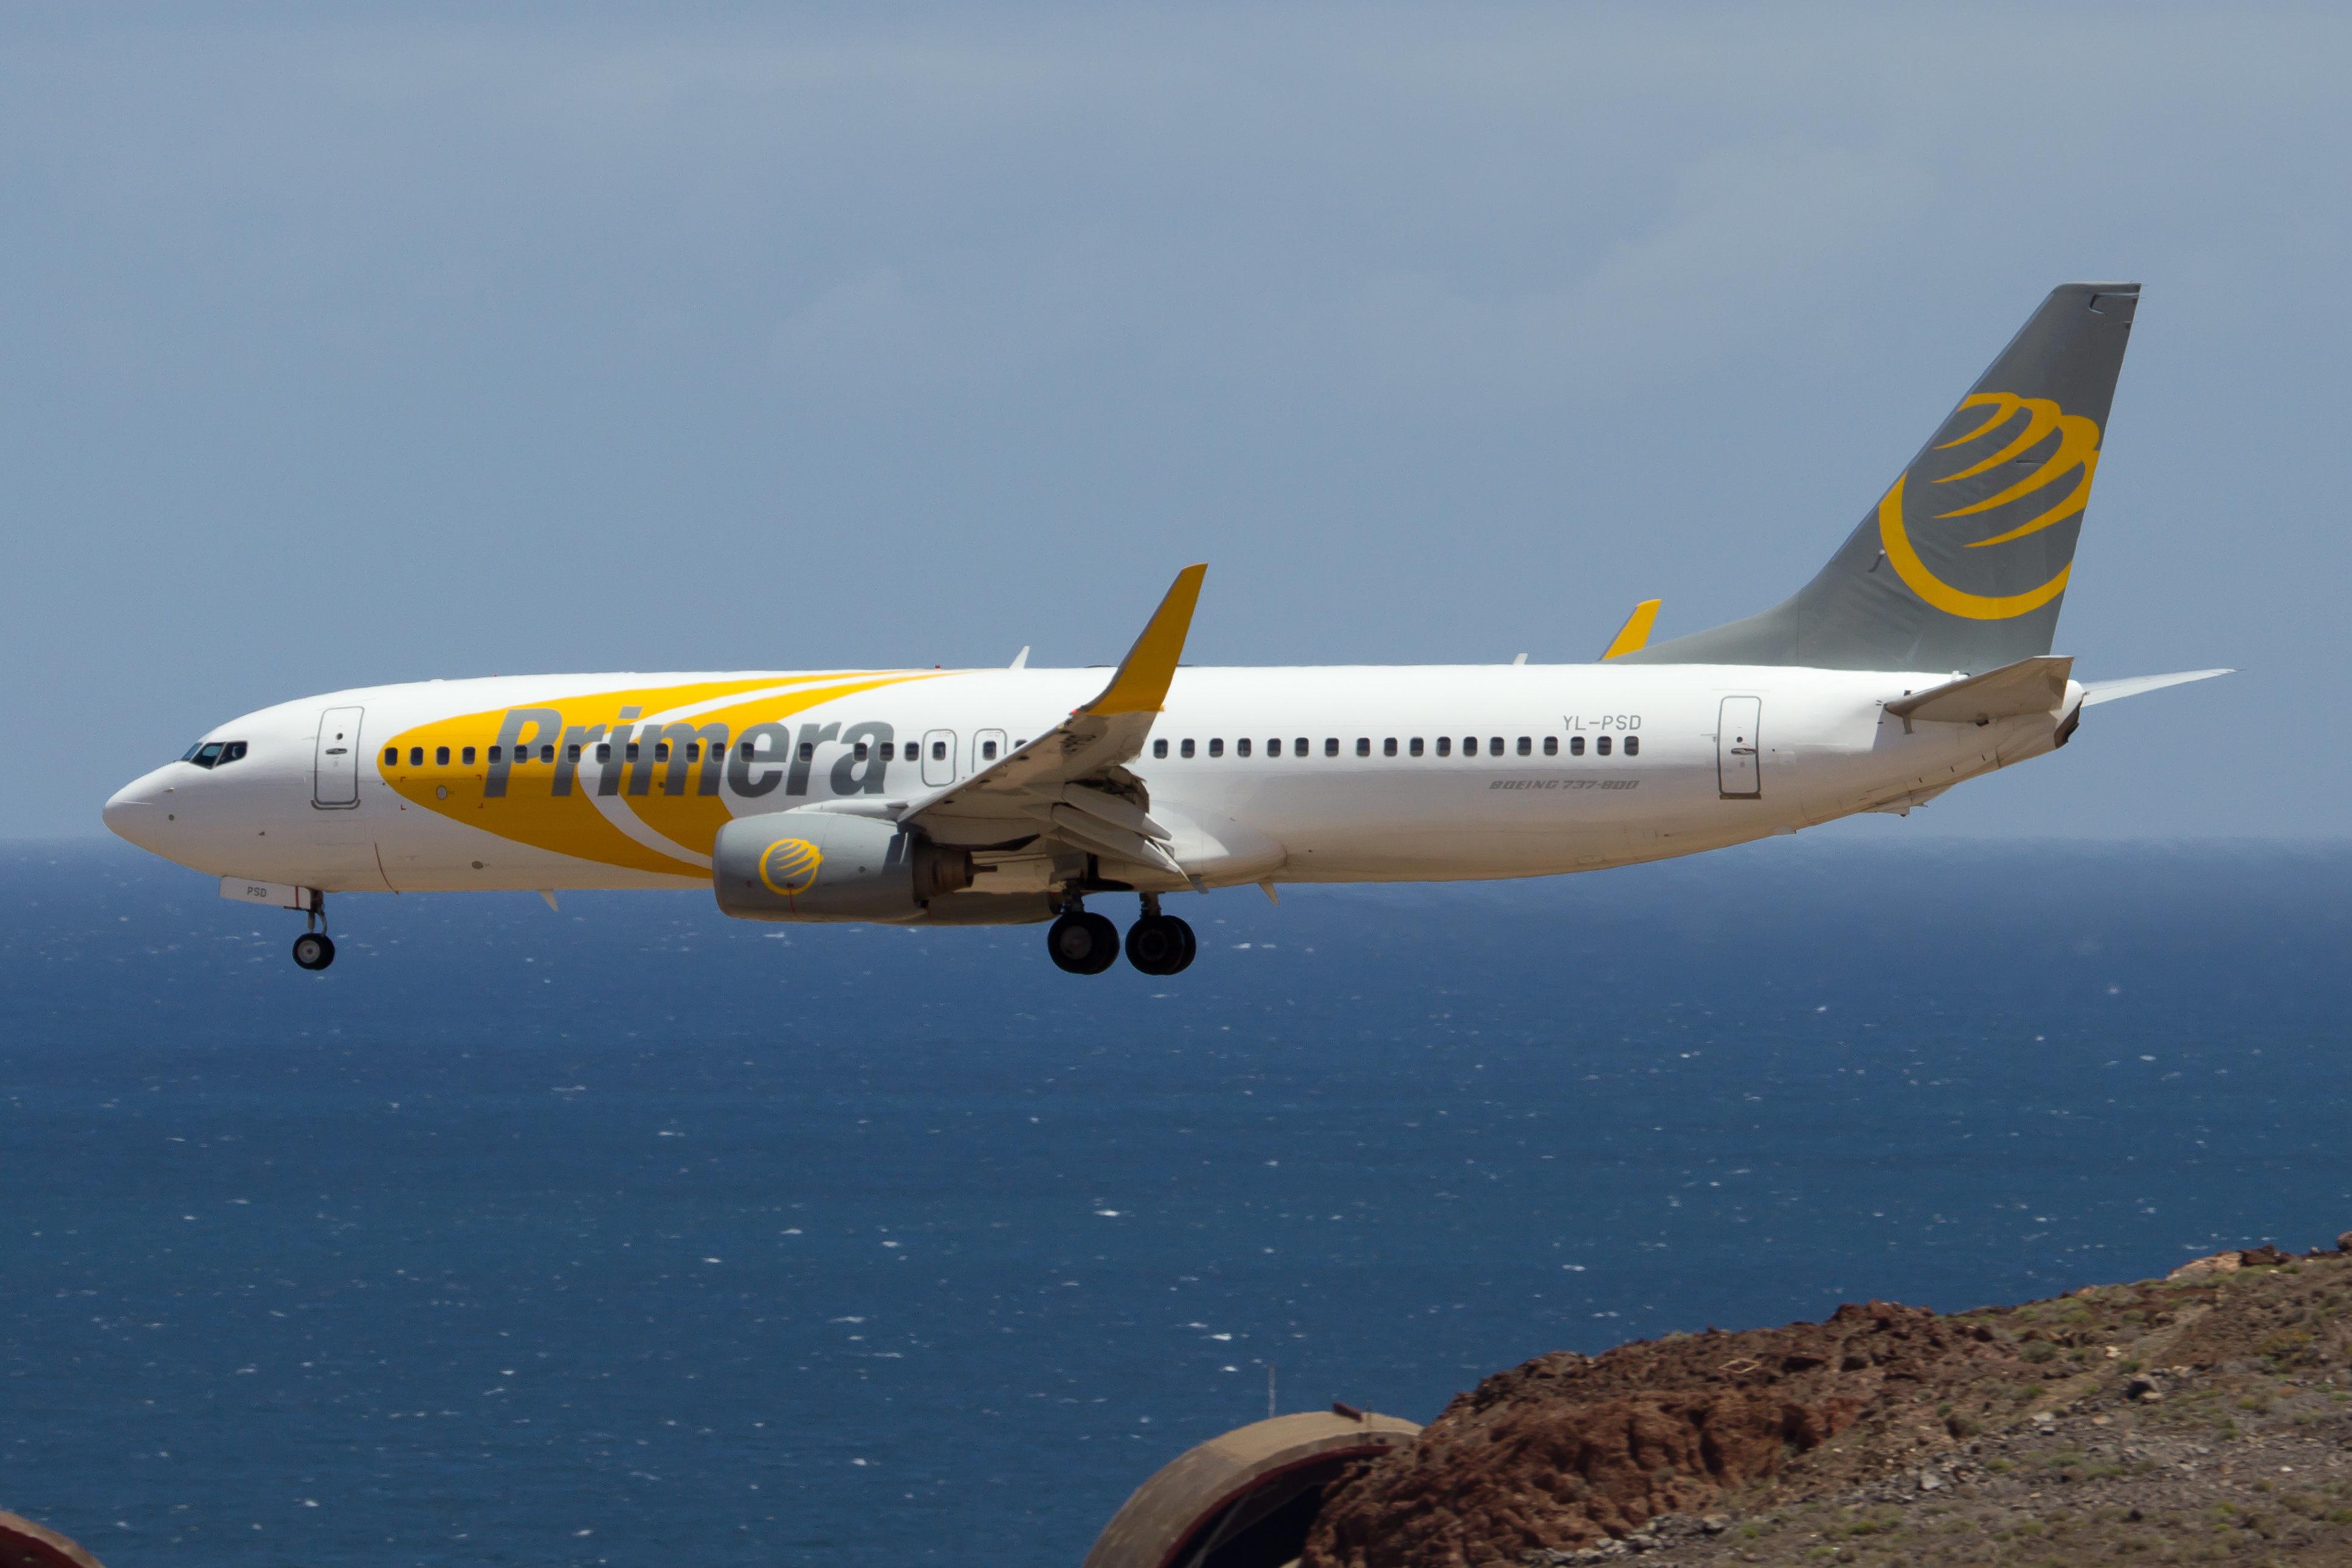 Ξαφνική χρεοκοπία για αεροπορική εταιρία: Στον «αέρα» χιλιάδες επιβάτες, ξέμειναν και στα Χανιά